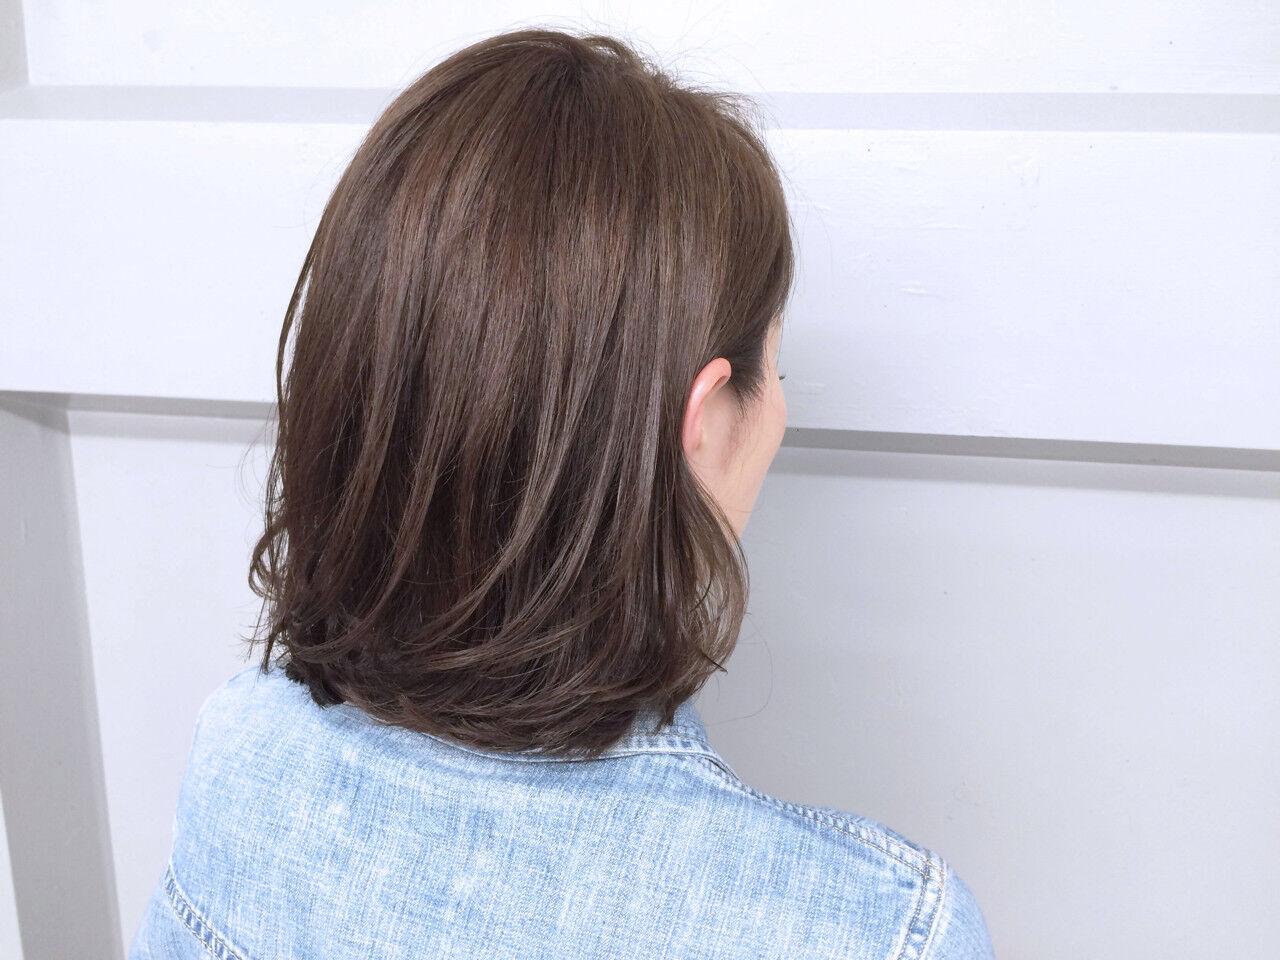 グラデーションカラー ハイライト アッシュ ボブヘアスタイルや髪型の写真・画像